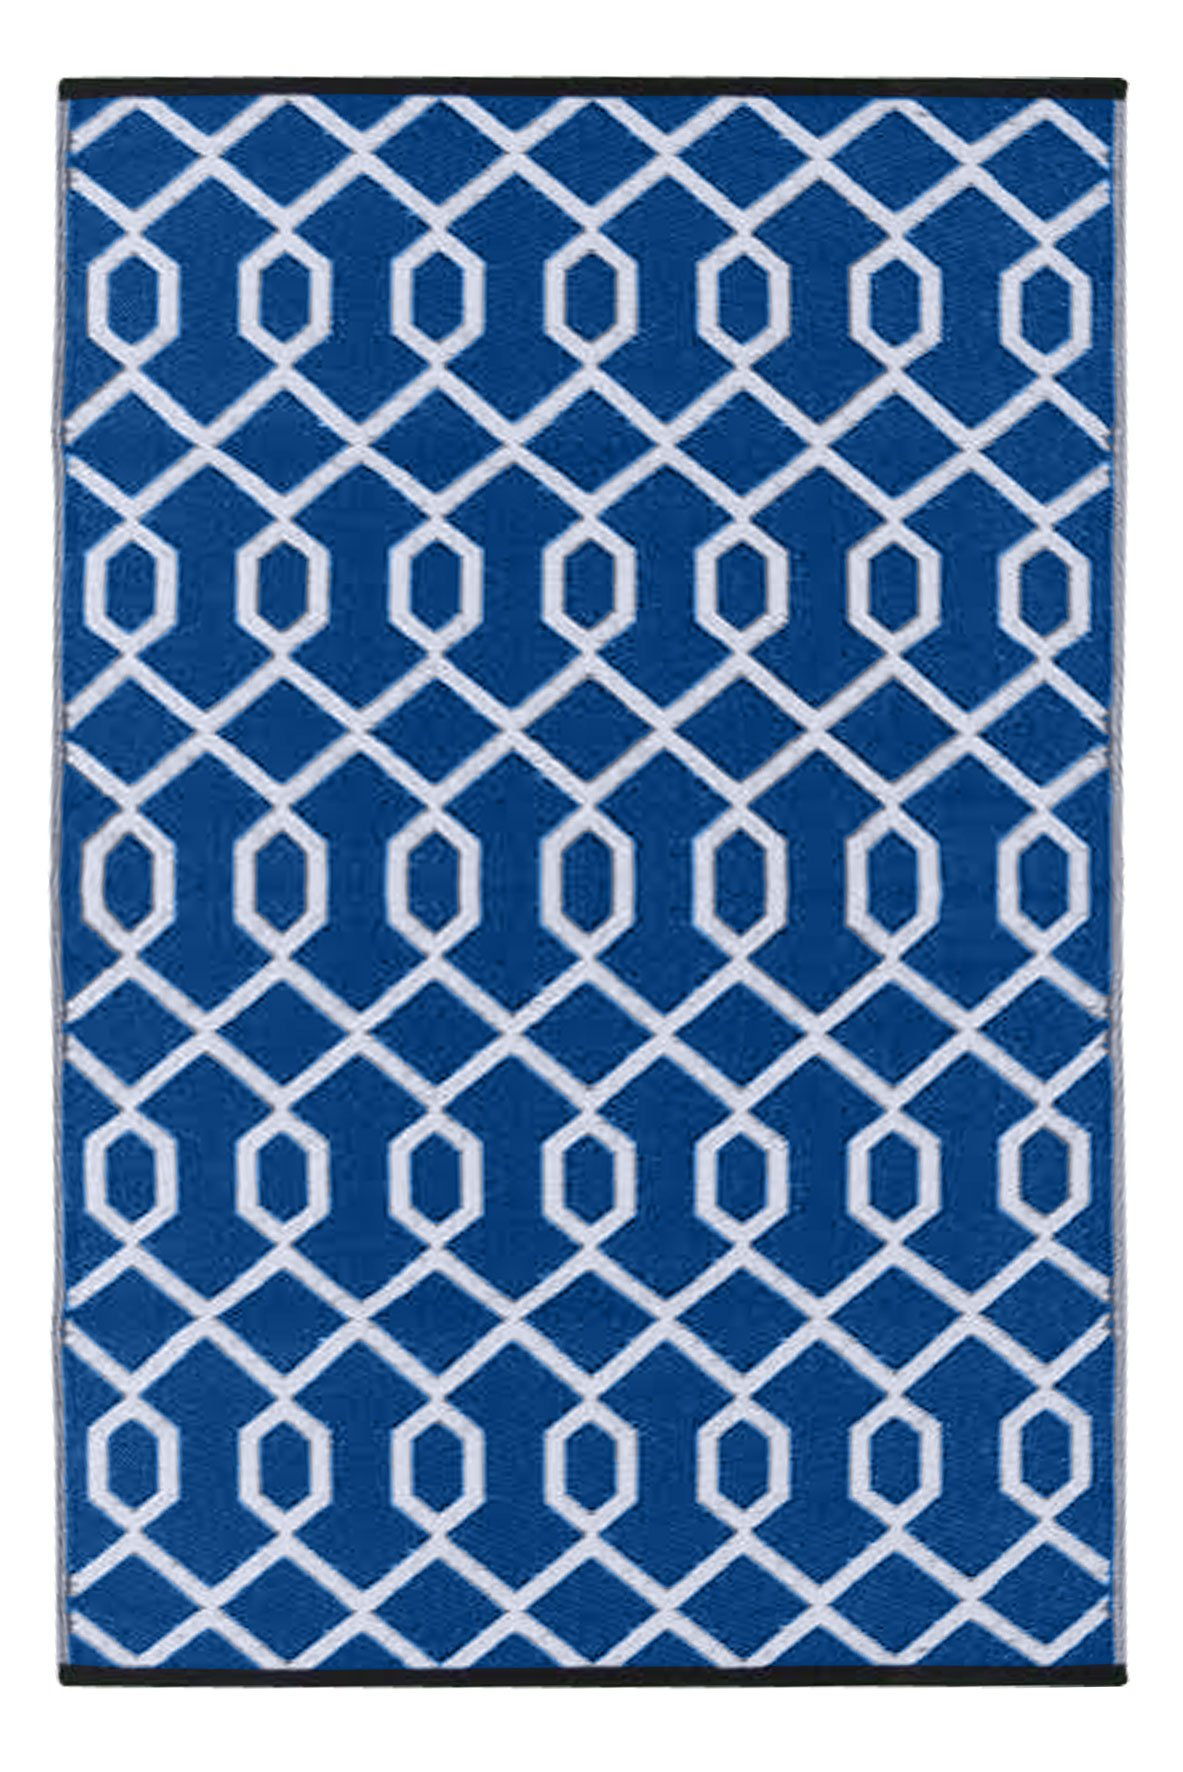 Green Decore Valencia Outdoor/Plastic/Reversible Eco Rug, 90 cm L x 150 cm W, Blue/White